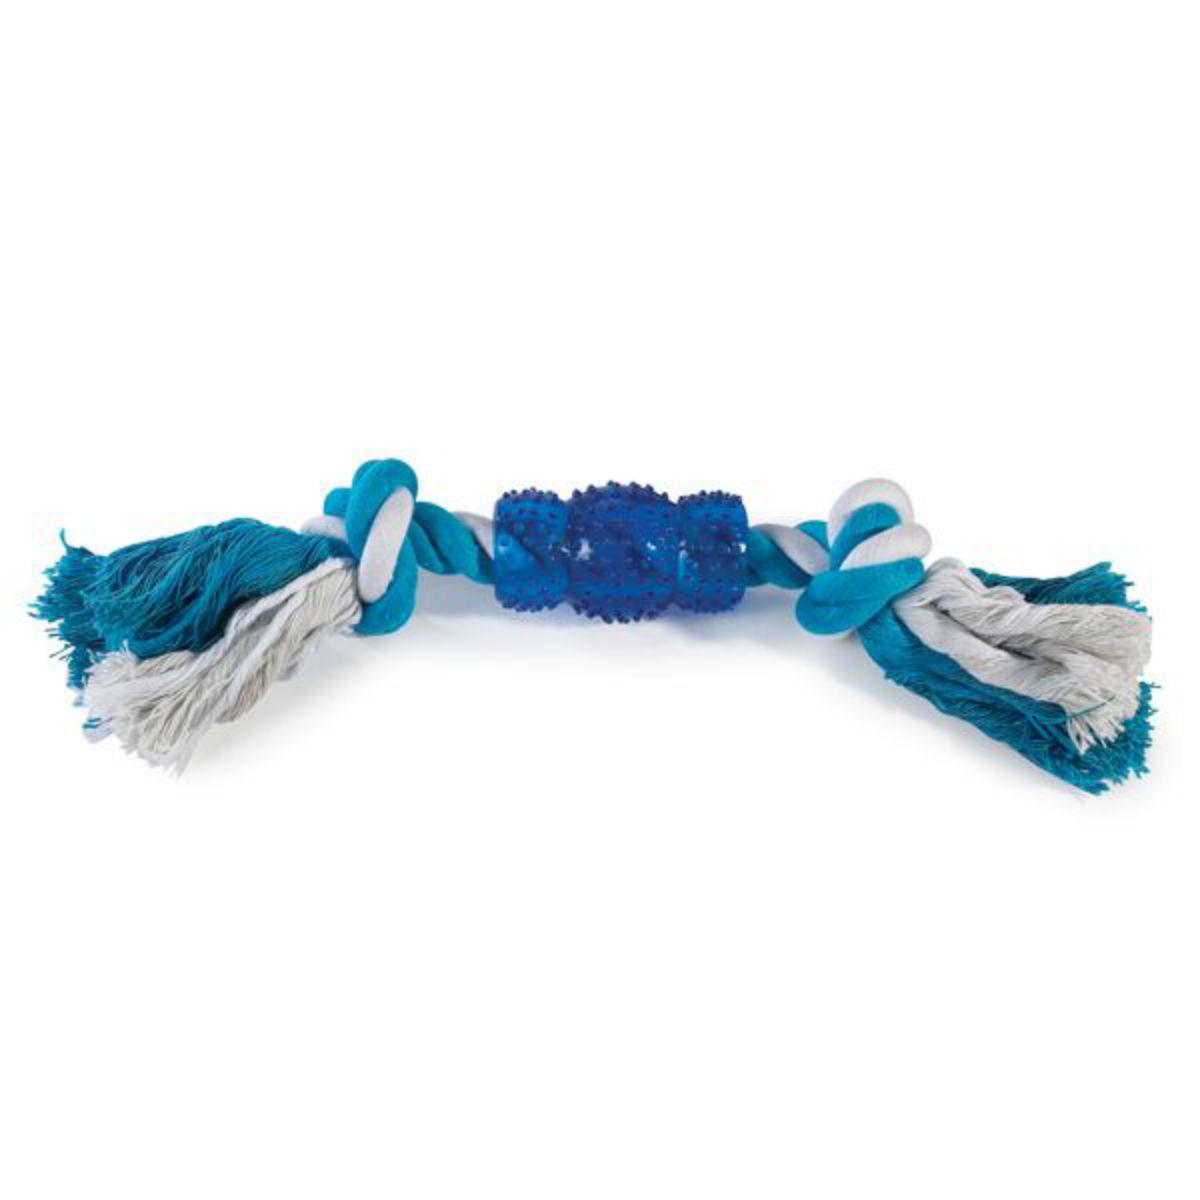 Grriggles Rope N' Rubber Bones Dog Toy - Blue